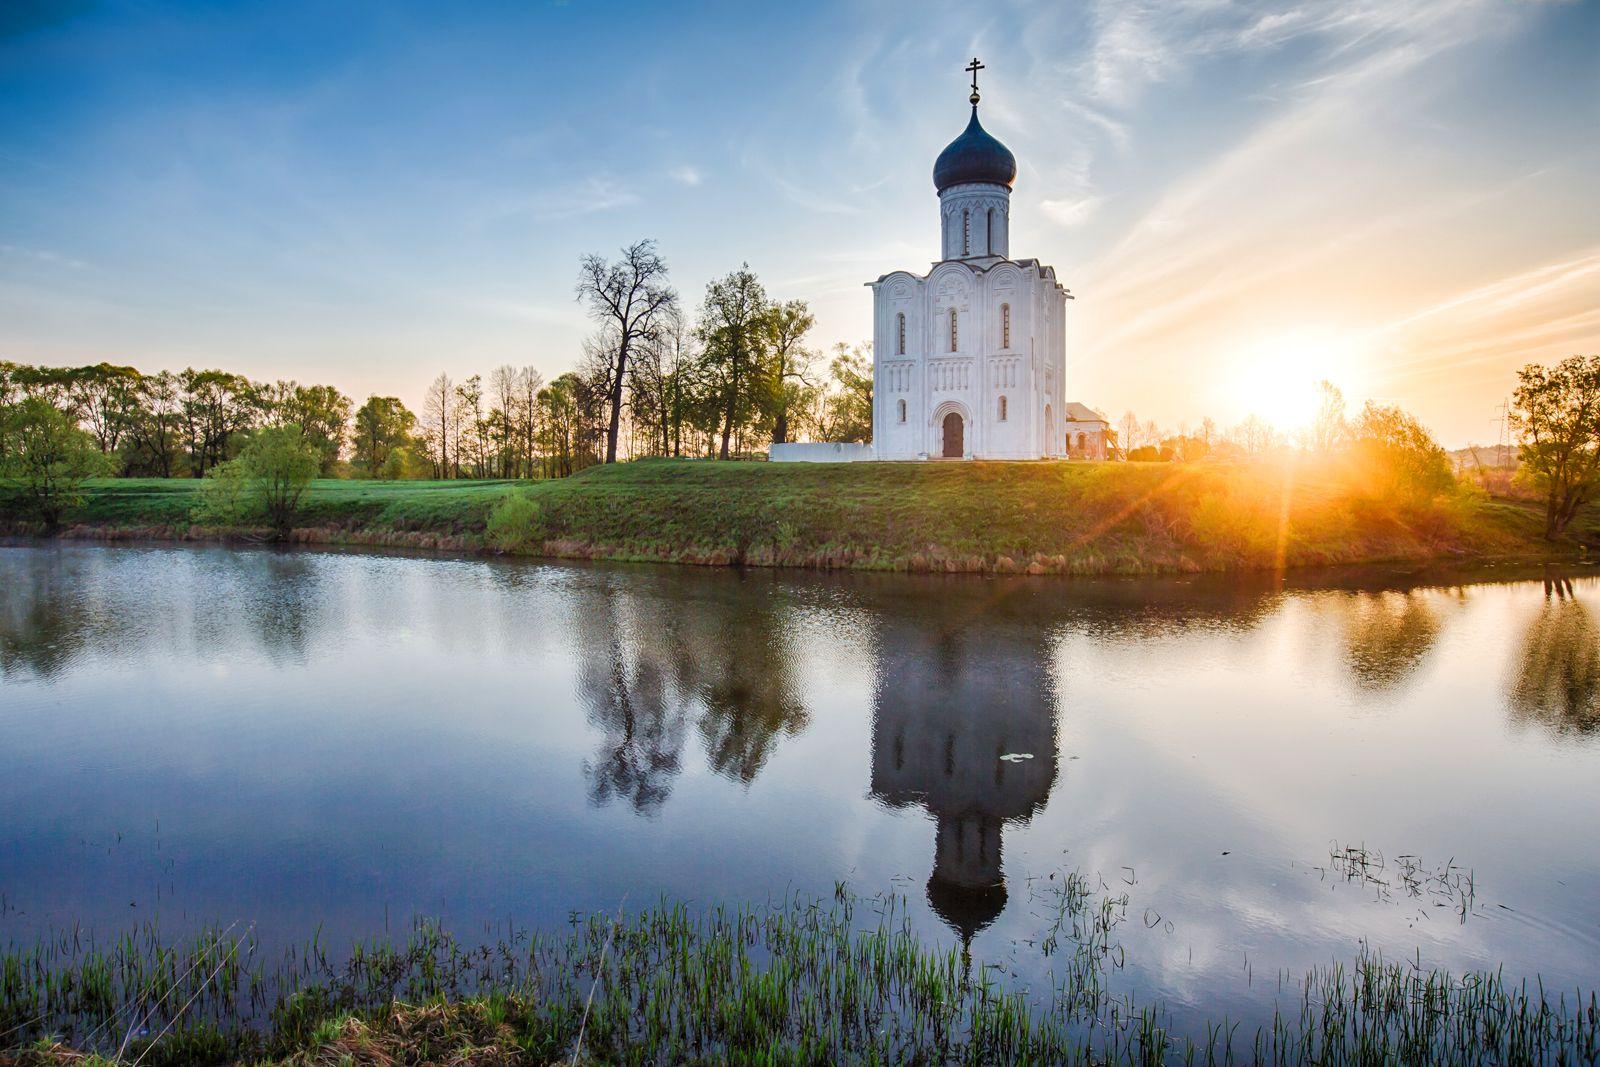 Церковь Покрова́ на Нерли, XII век - храм во Владимирской области